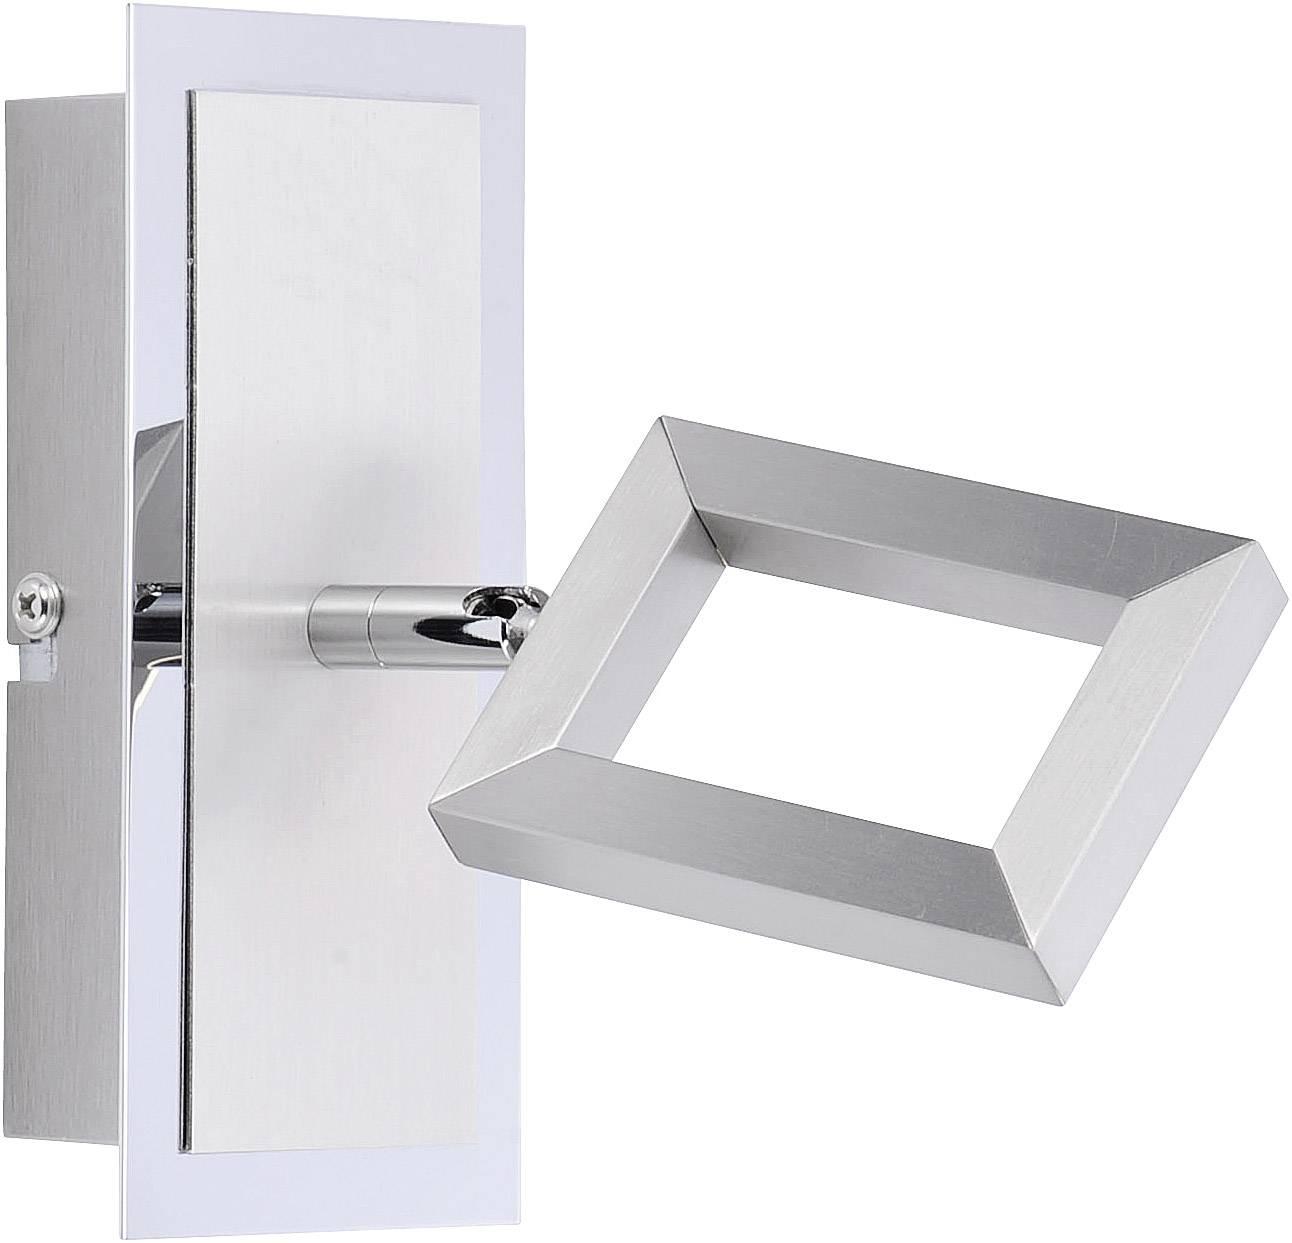 Nástenný LED reflektor Brilliant Inigo 6957-55, 5 W, teplá biela, oceľová